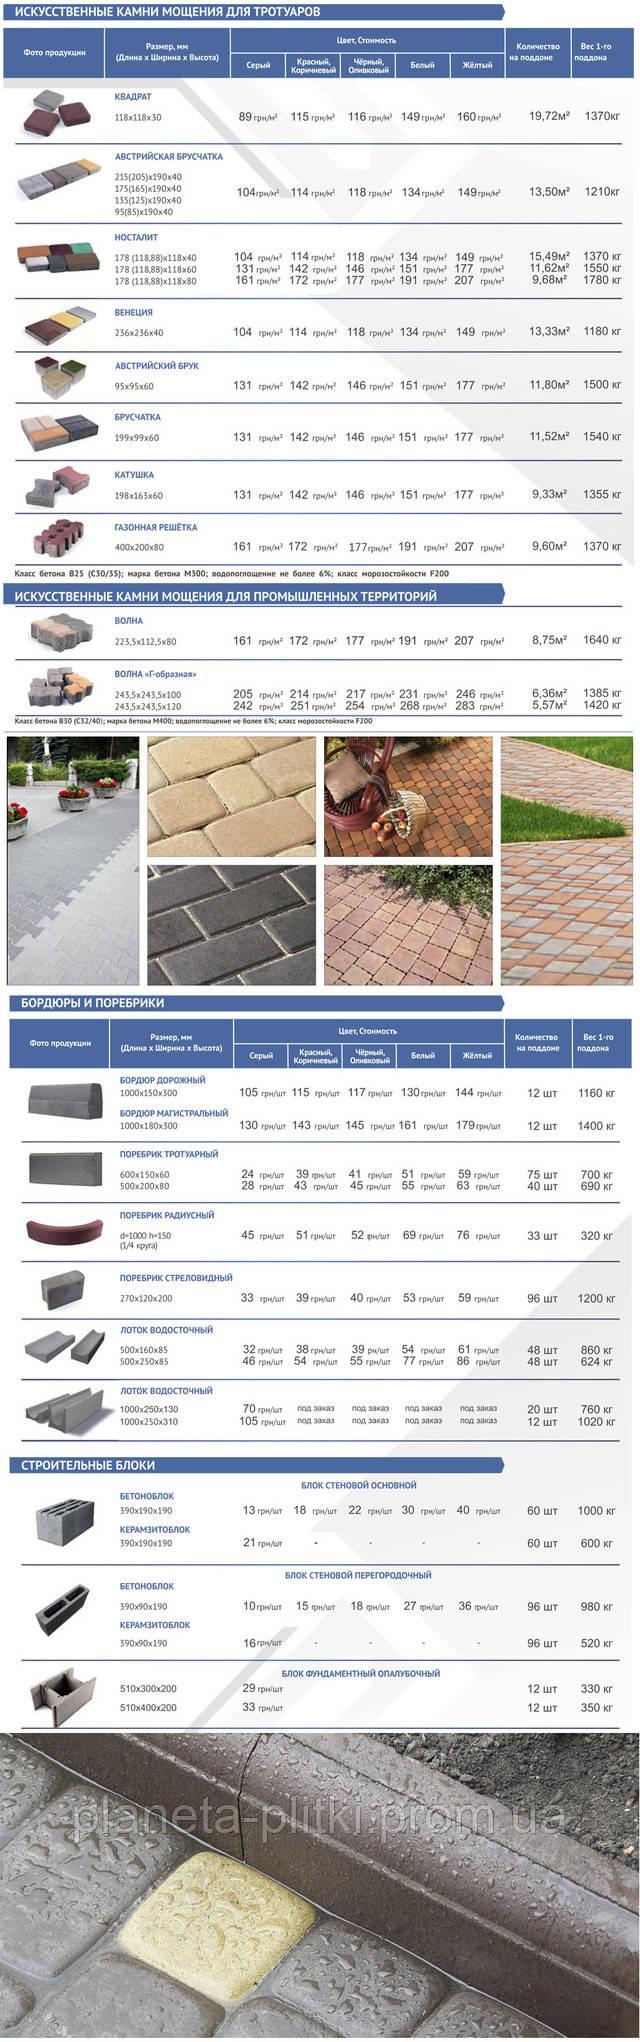 Тротуарная плитка Камбио прайс-лист, цены от производителя. (044) 332-0-332